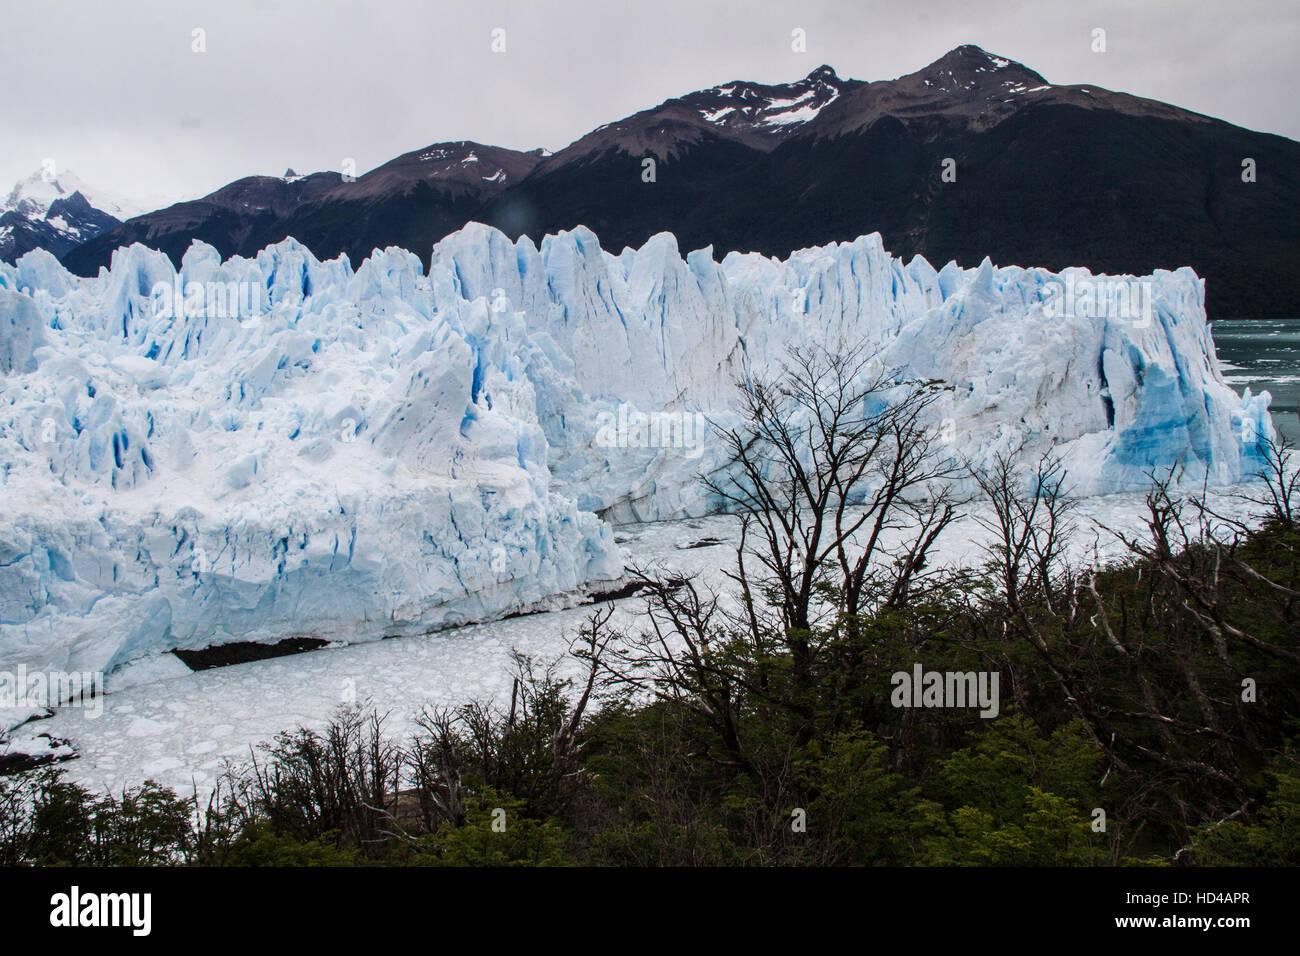 EL CALAFATE, ARG, 06.12.2016: Argentinian Perito Moreno Glacier located in the Los Glaciares National Park in southwest Stock Photo